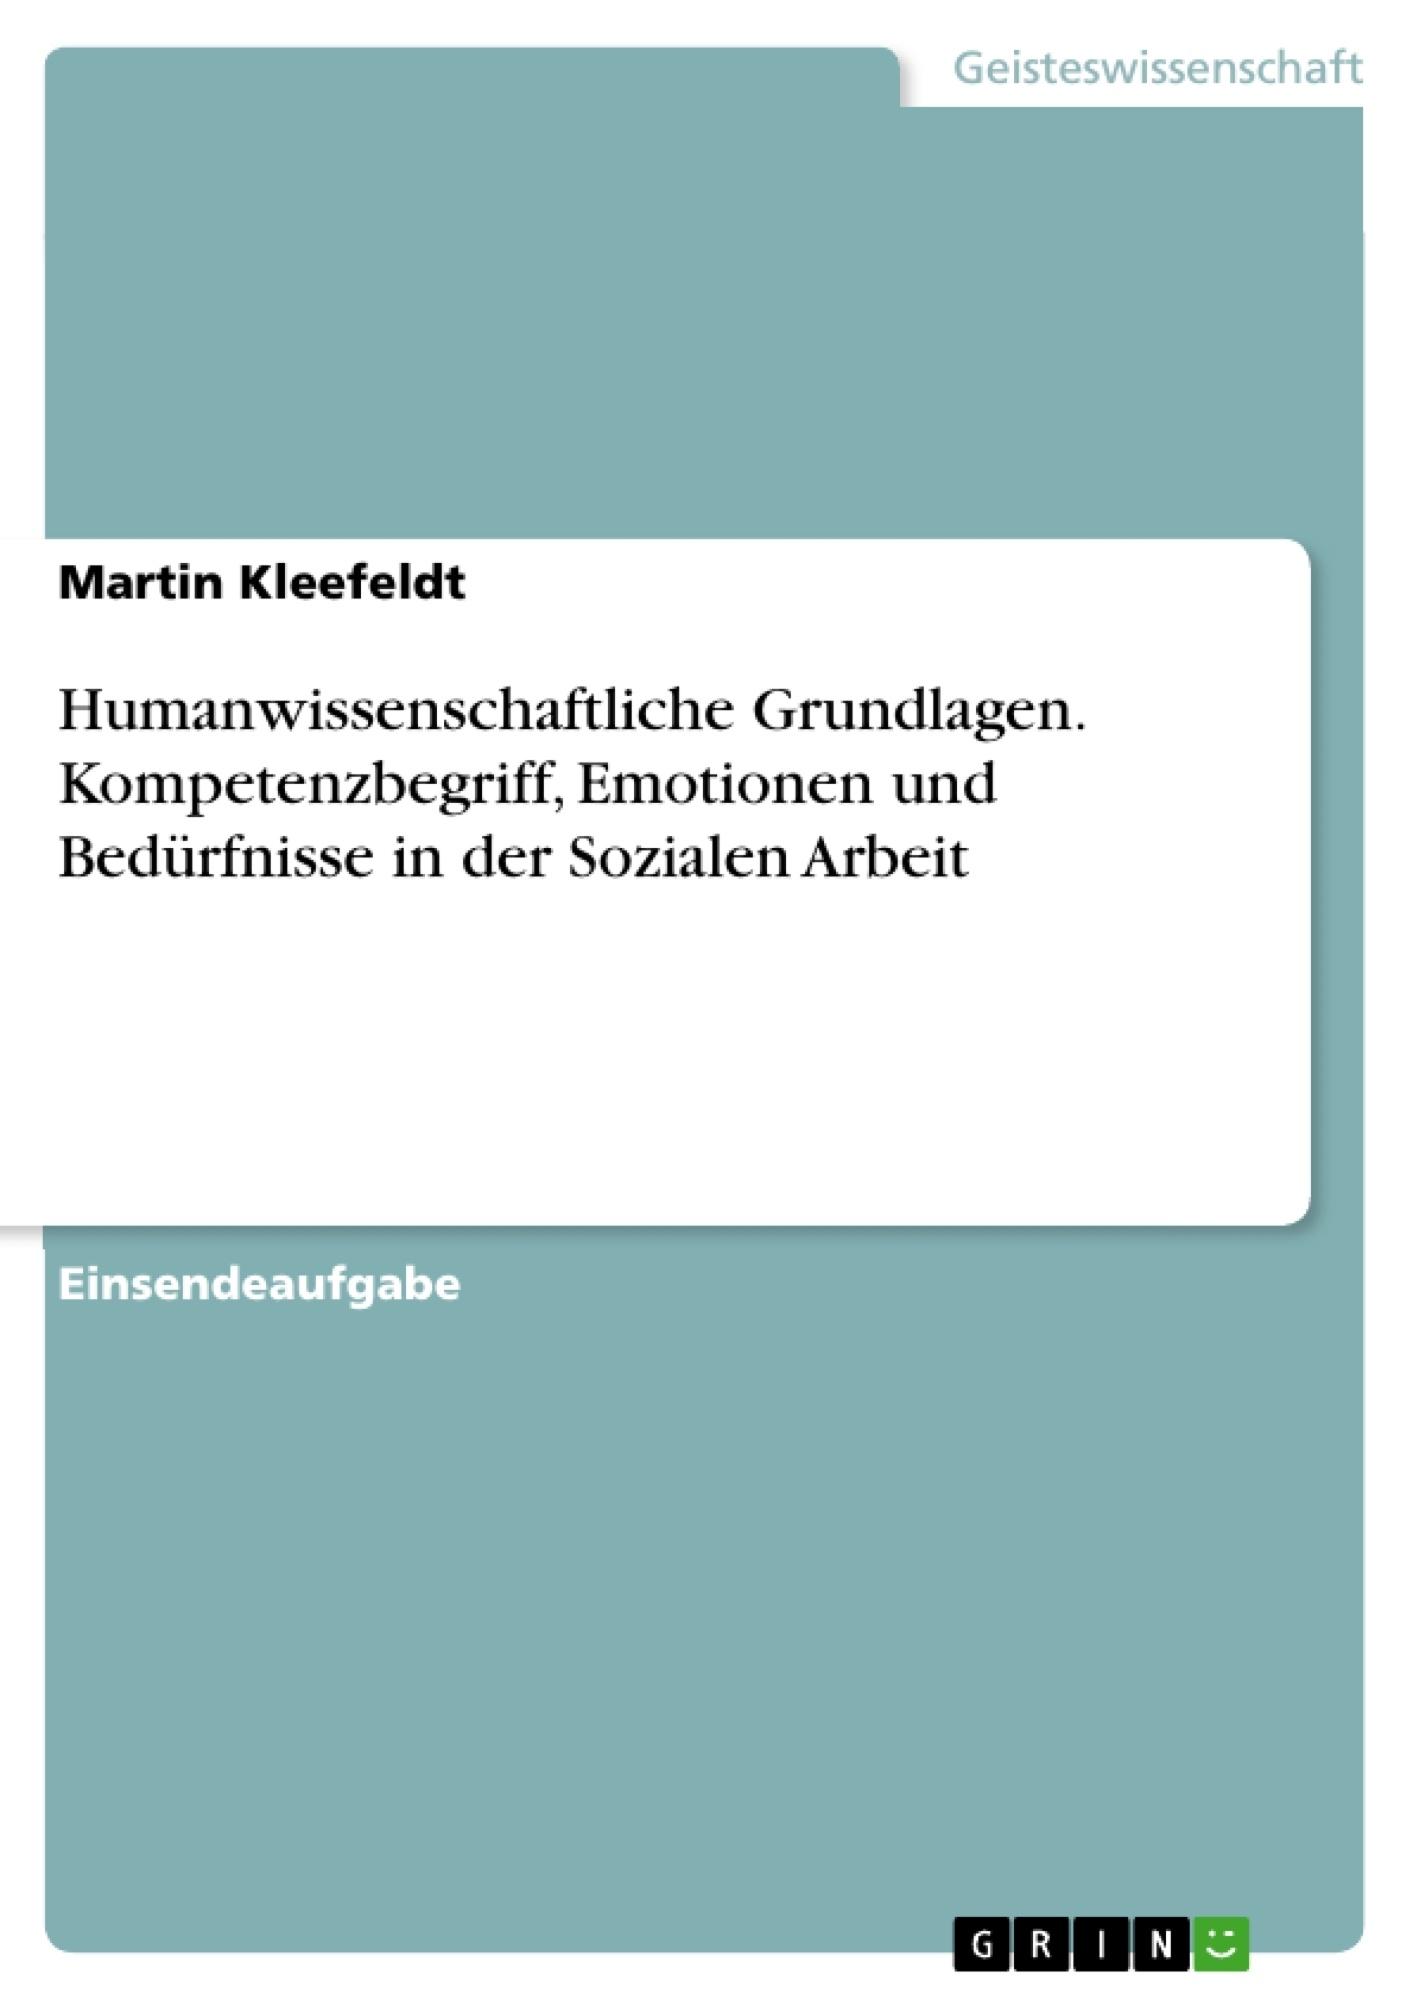 Titel: Humanwissenschaftliche Grundlagen. Kompetenzbegriff, Emotionen und Bedürfnisse in der Sozialen Arbeit